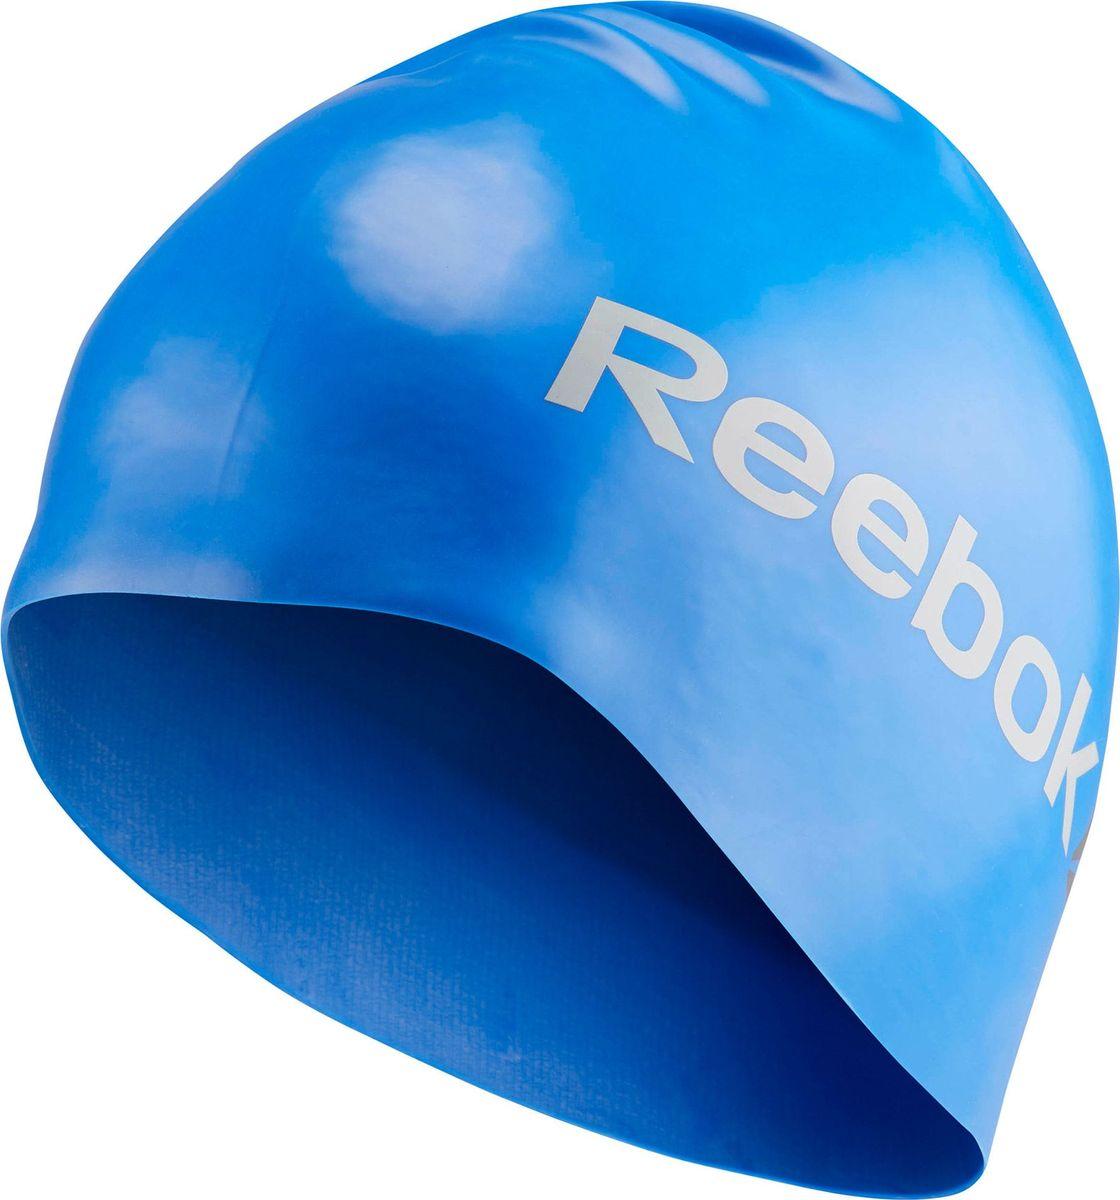 Шапочка для плавания Reebok Swim U Cap, цвет: синийCE1516Эта шапочка не только позволит вам с комфортом подготовиться к соревнованиям, но и продемонстрировать всем свою приверженность классическому стилю Reebok. Благодаря эргономичному дизайну и использованному материалу вам гарантирована надежная защита от воды как в бассейне, так и в открытом водоемеЭргономичный дизайн, закрывающий ушиФормованный материал препятствует образованию морщинок на поверхностиВнутреннее покрытие обеспечивает дополнительное сцепление и более надежную посадкуМатериал: 100% силикон для защиты от попадания воды